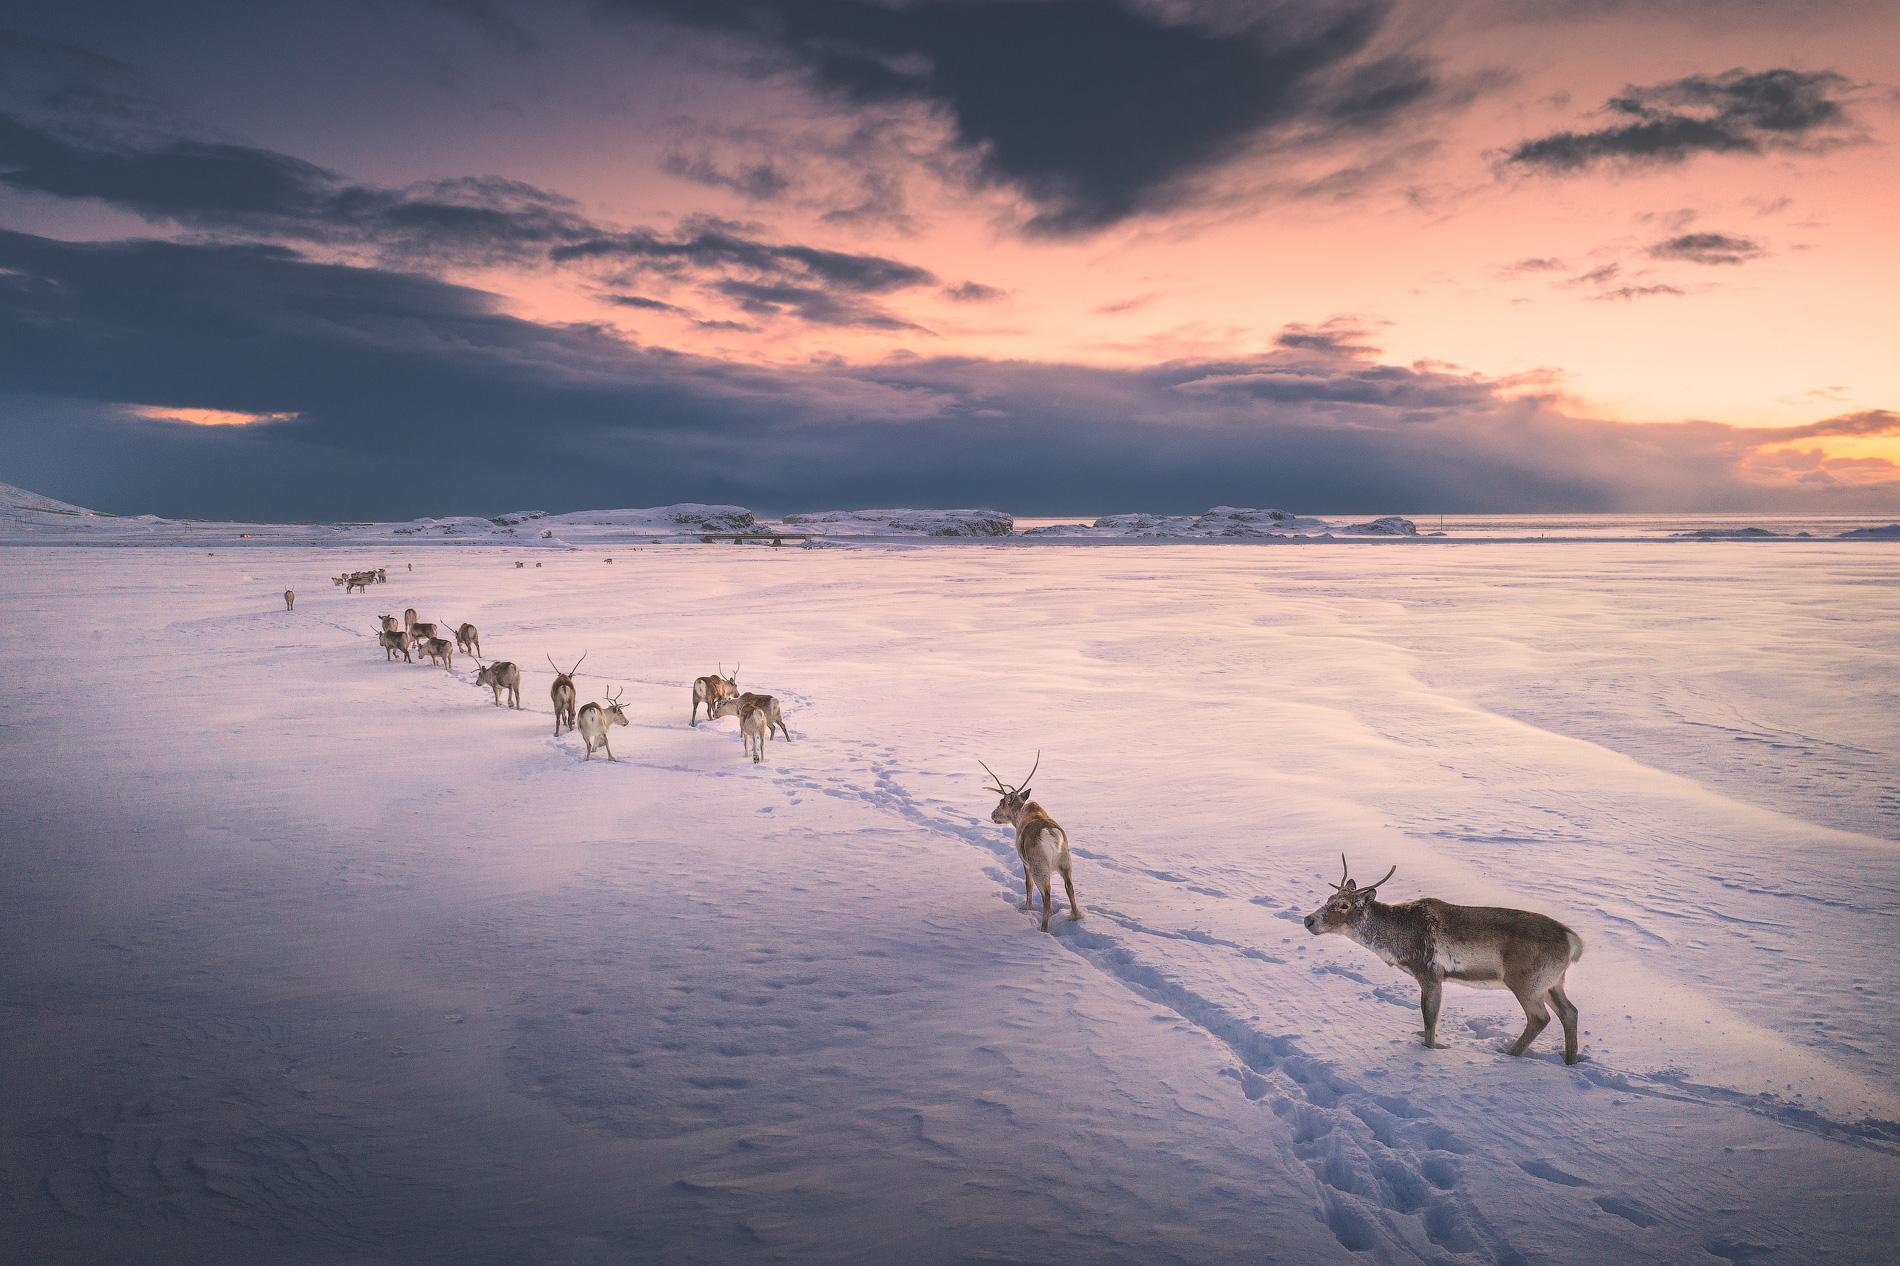 Da sich die Nutzung von Rentieren in Island nie durchgesetzt hat, streifen die Tiere hier frei durch die Landschaft.